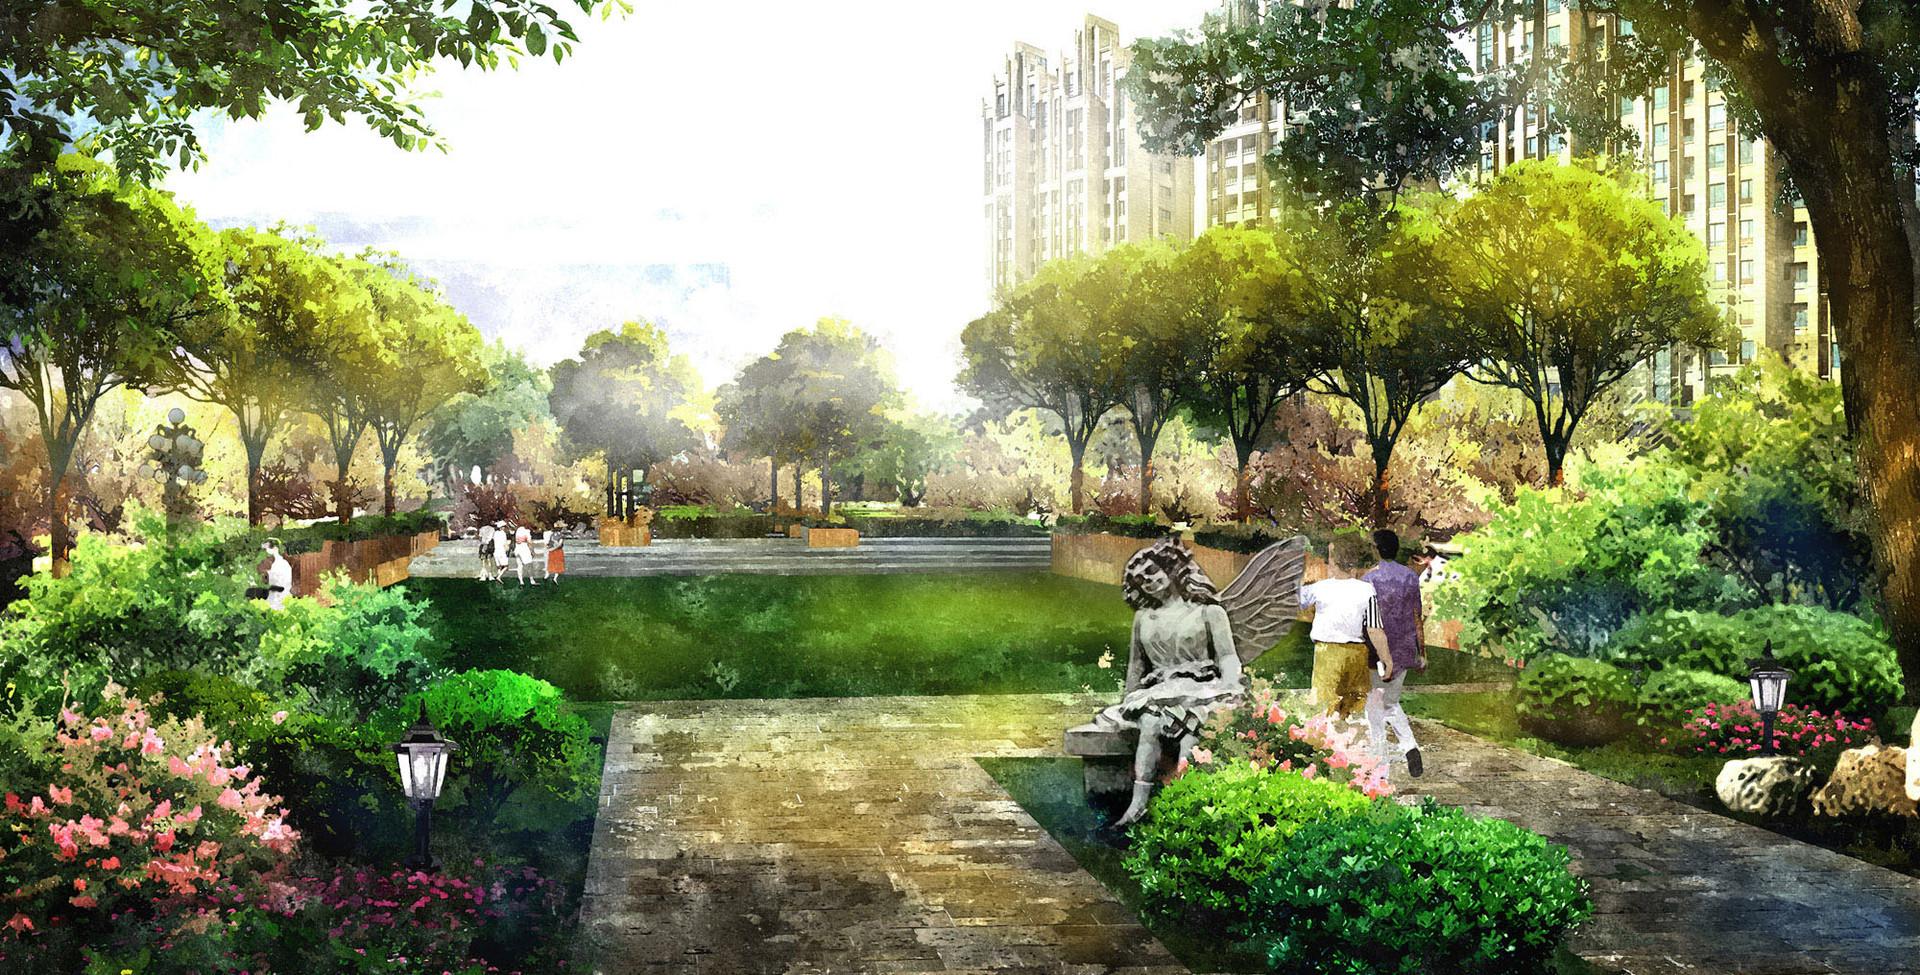 랴오닝성 푸신 녹지 주거단지 계획3.jpg